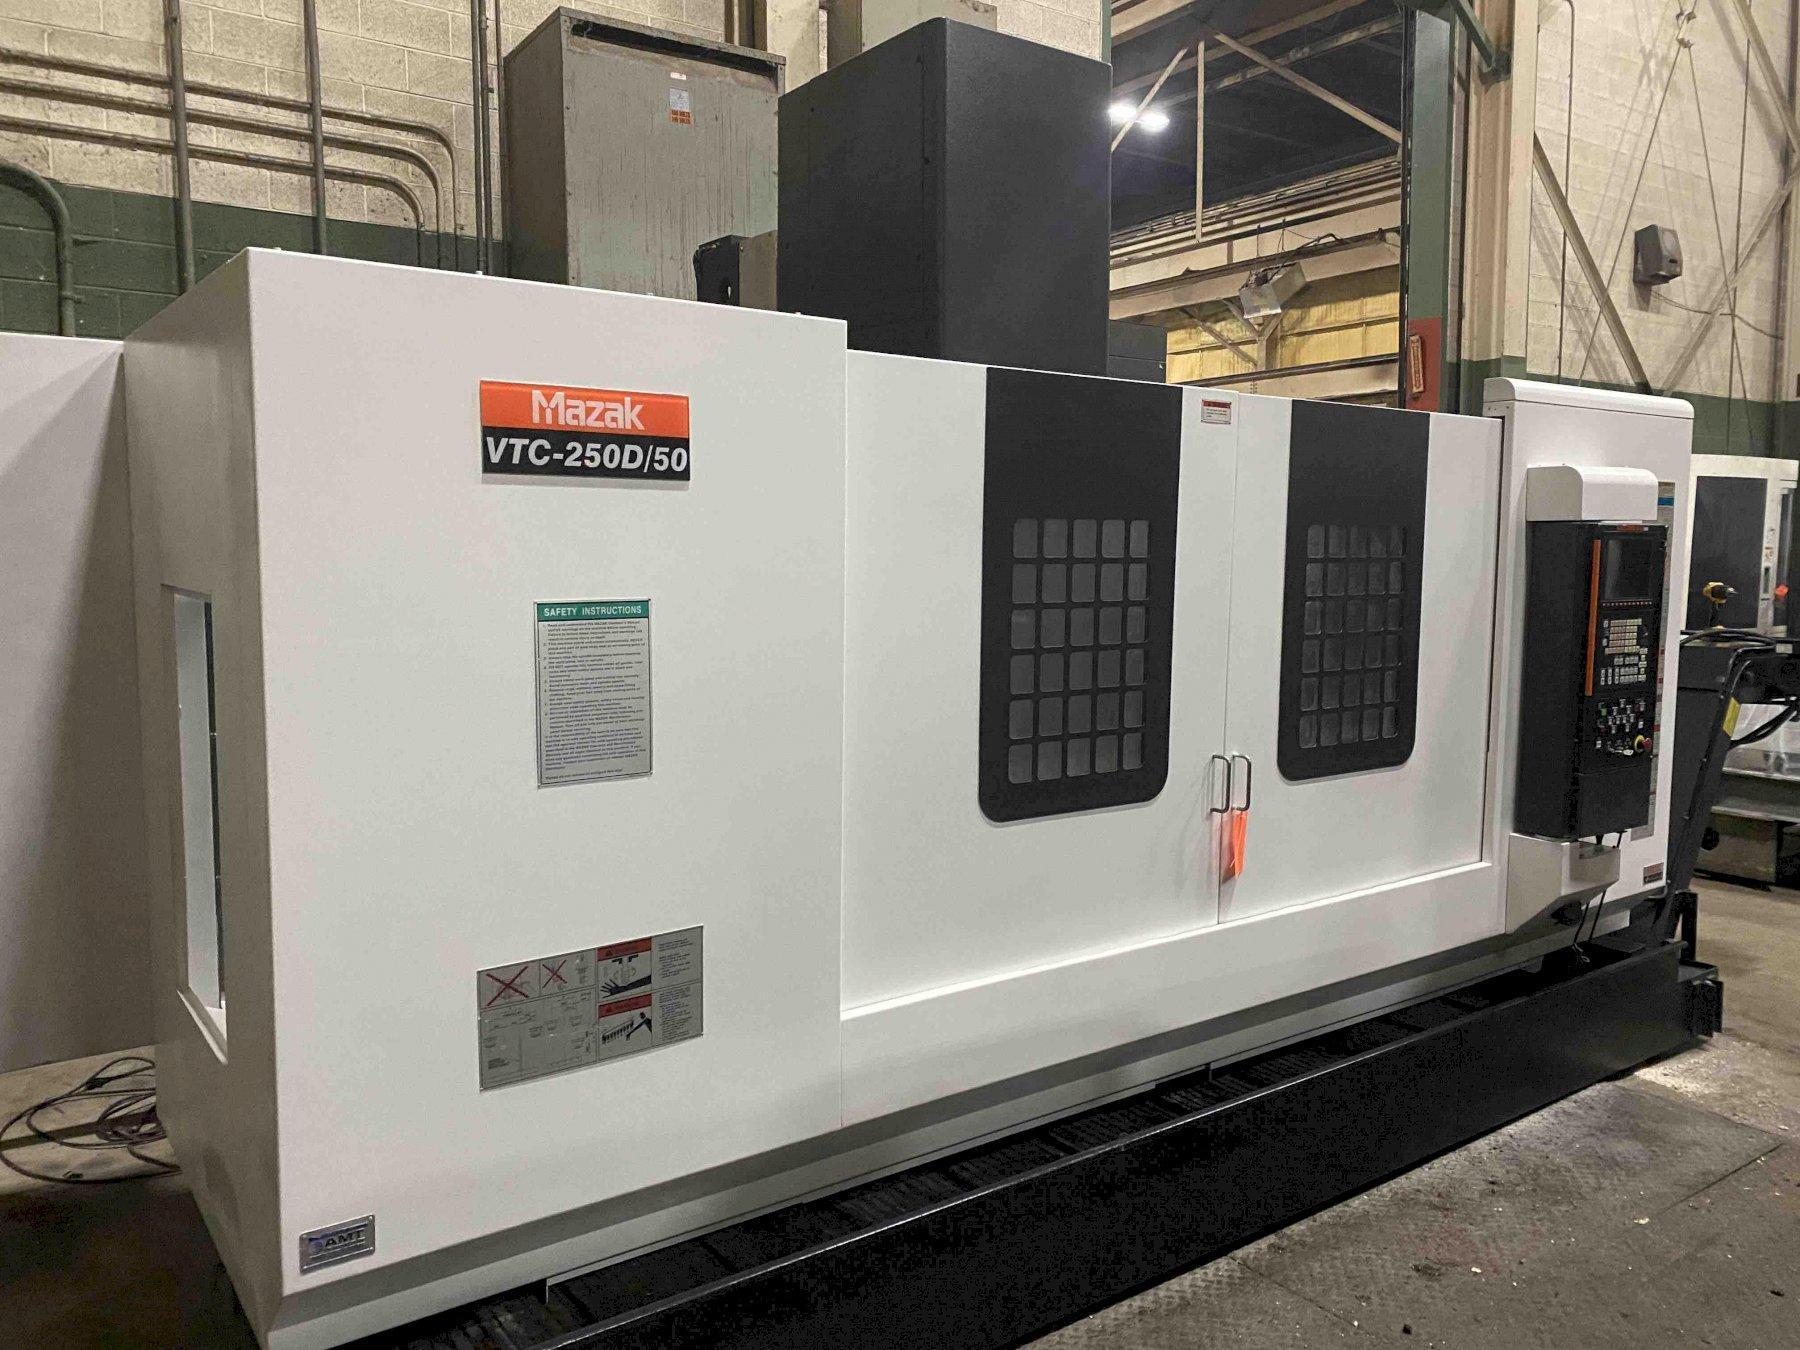 Mazak VTC250D/50 CNC Vertical Machining Center, Mazatrol, 69